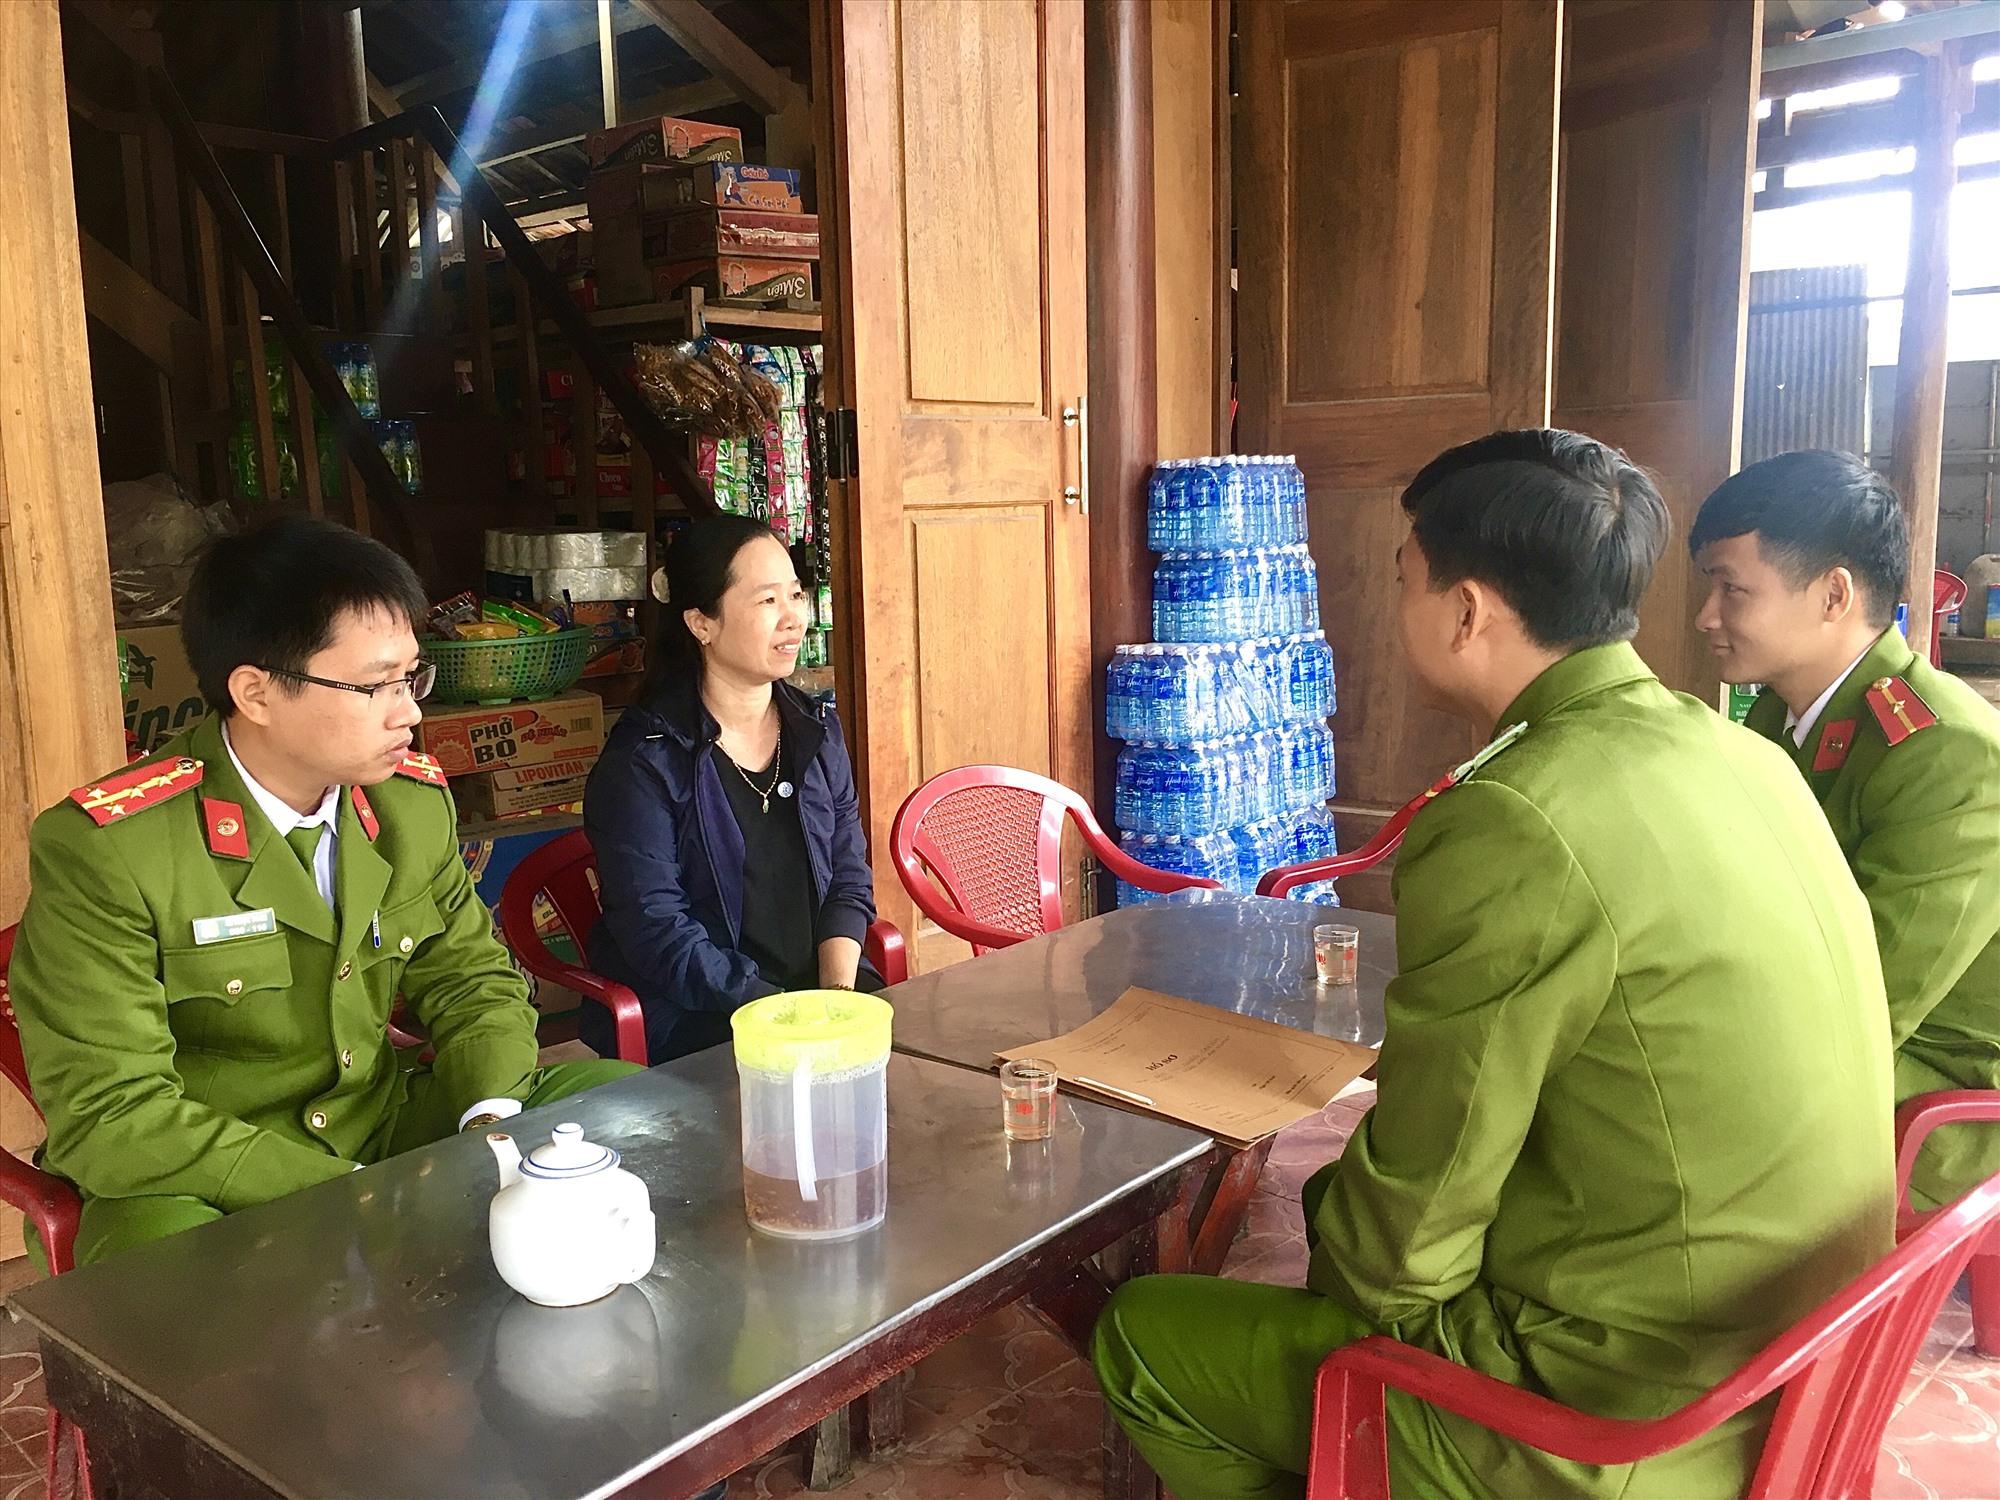 Công an xã Ninh Phước (huyện Nông Sơn) đến tận nhà tuyên truyền người dân phòng ngừa và tích cực đấu tranh phát hiện, tố giác tội phạm, tệ nạn xã hội. Ảnh: LÊ THÔNG